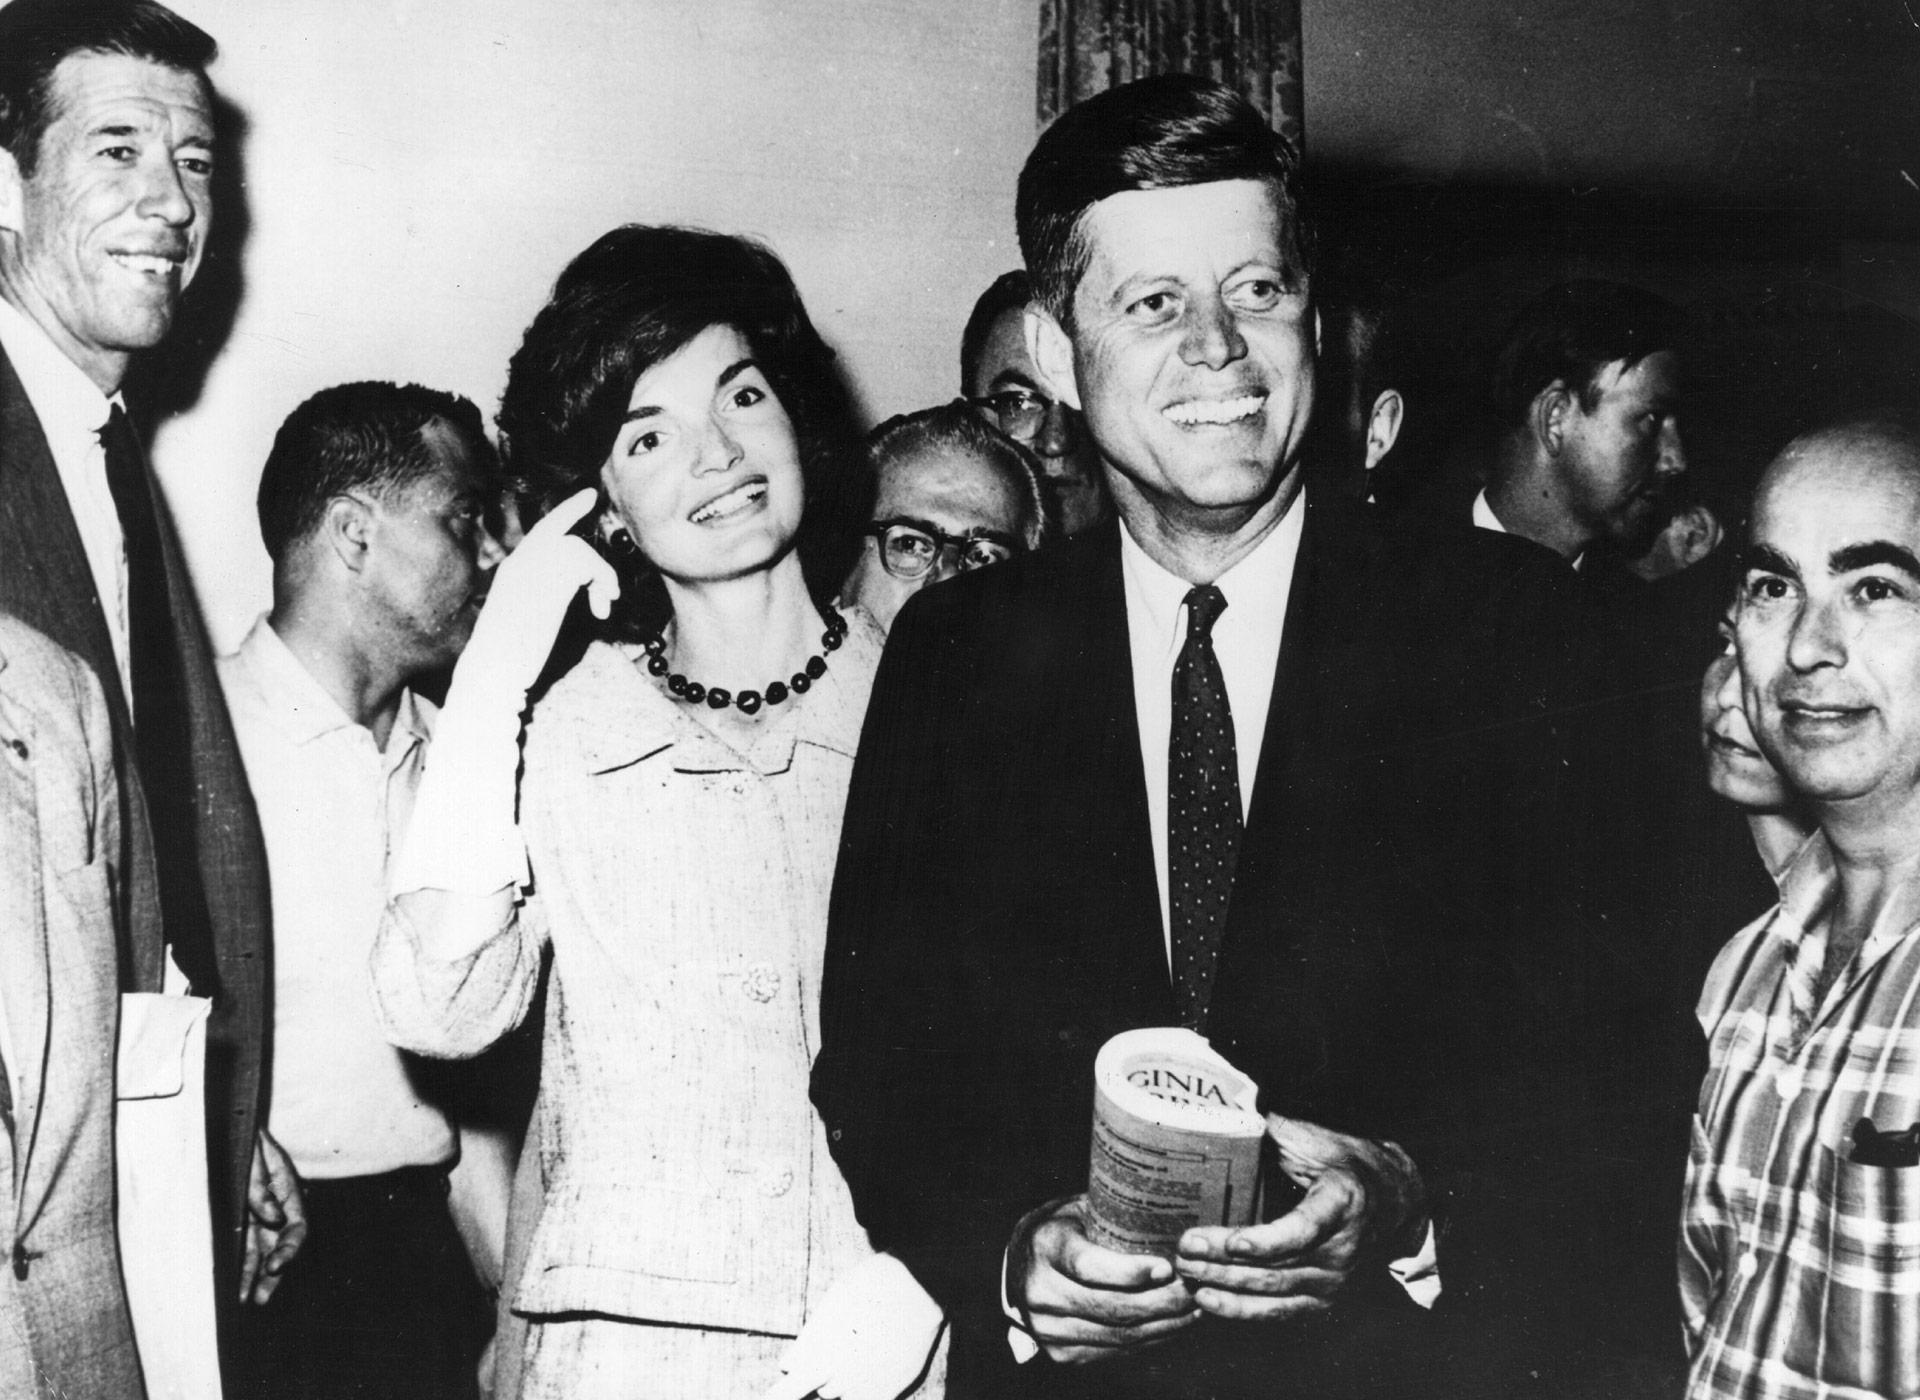 El entonces senador por Massachusettsjunto a su esposa se dirigen a la convención del Partido Demócrata en Los Angeles donde será nominado candidato a la presidencia(Keystone/Getty Images)